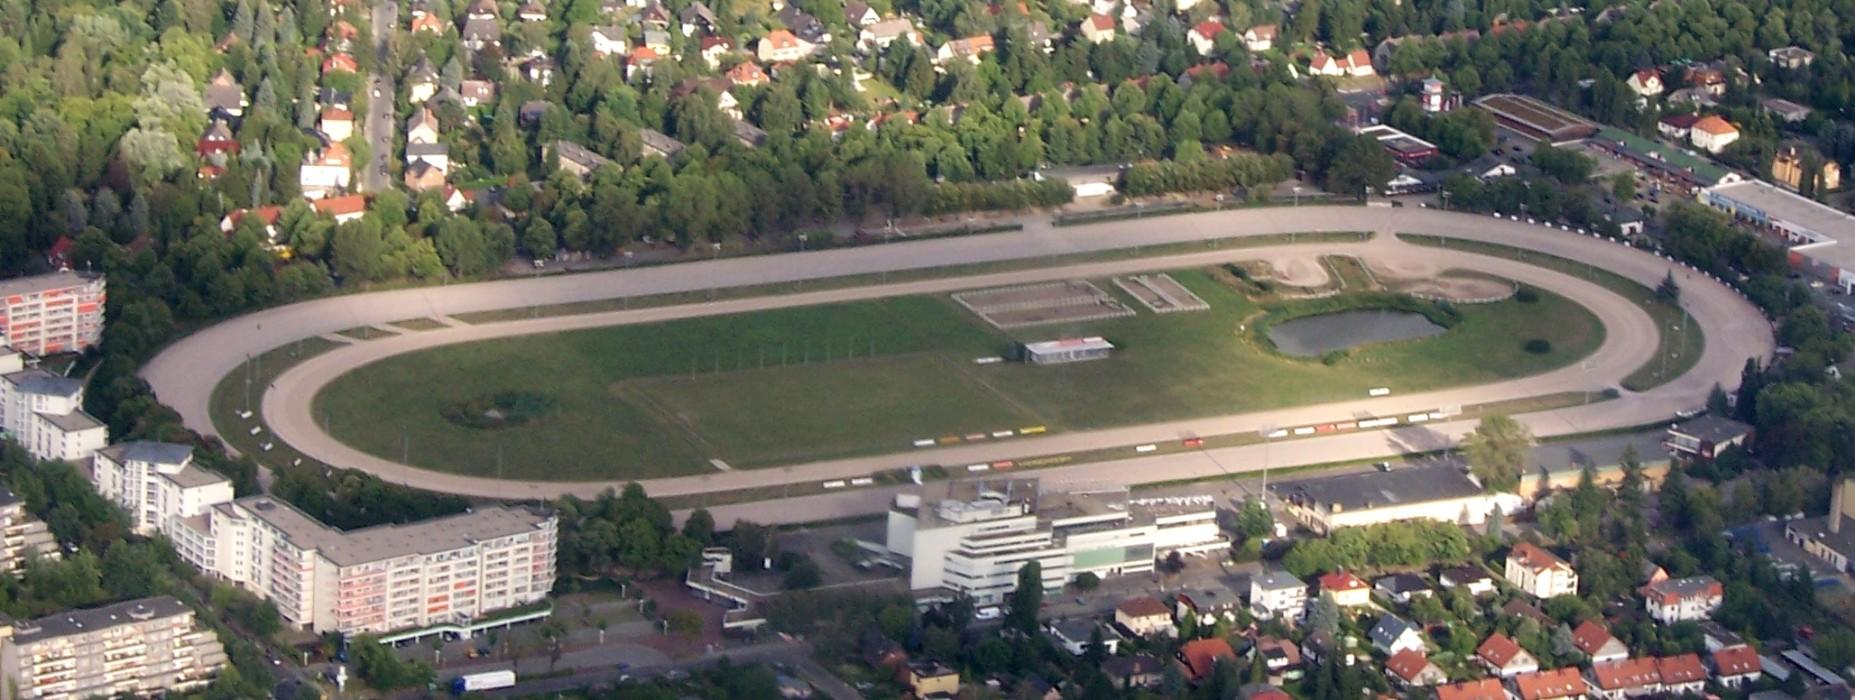 Trabrennbahn Mariendorf Wikipedia